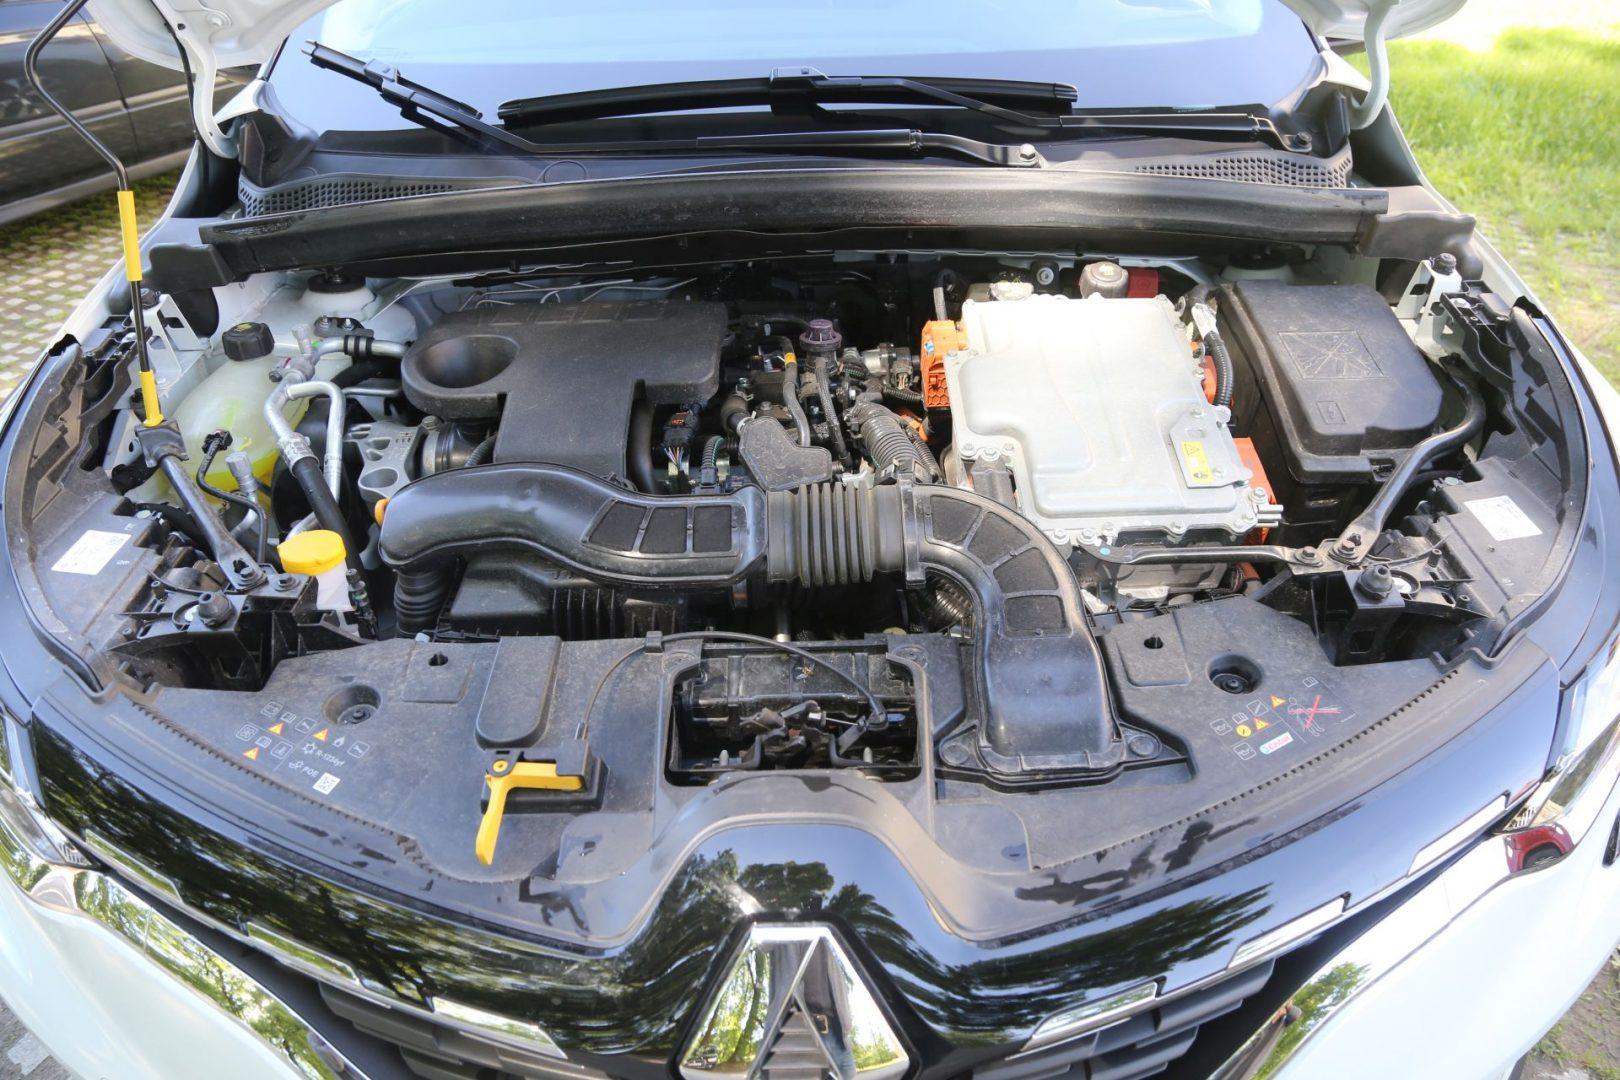 Motori atmosferski benzinac od 92 KS i pomoćni elektromotor od 34 KS su ispod haube, dok se glavni elektromotor od 87 KS nalazi iza zbog čega oduzima prostor prtljažniku